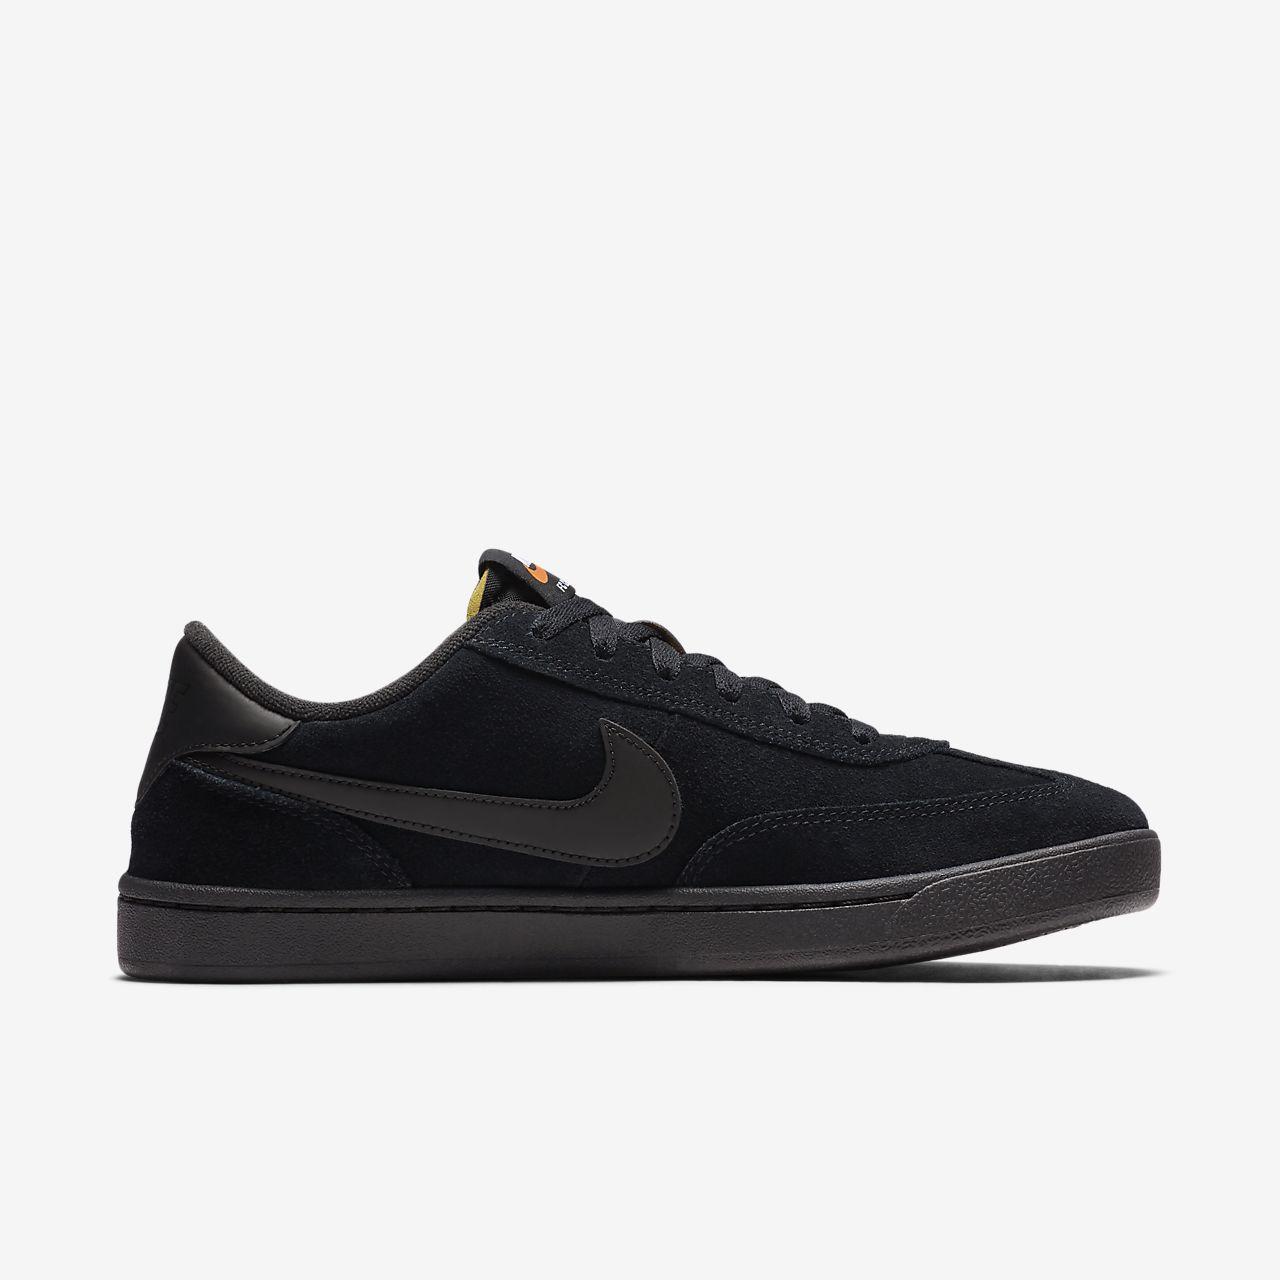 Nike Sb Fc Clásico Calzado Para Monopatines De Los Hombres BSPqgaJS